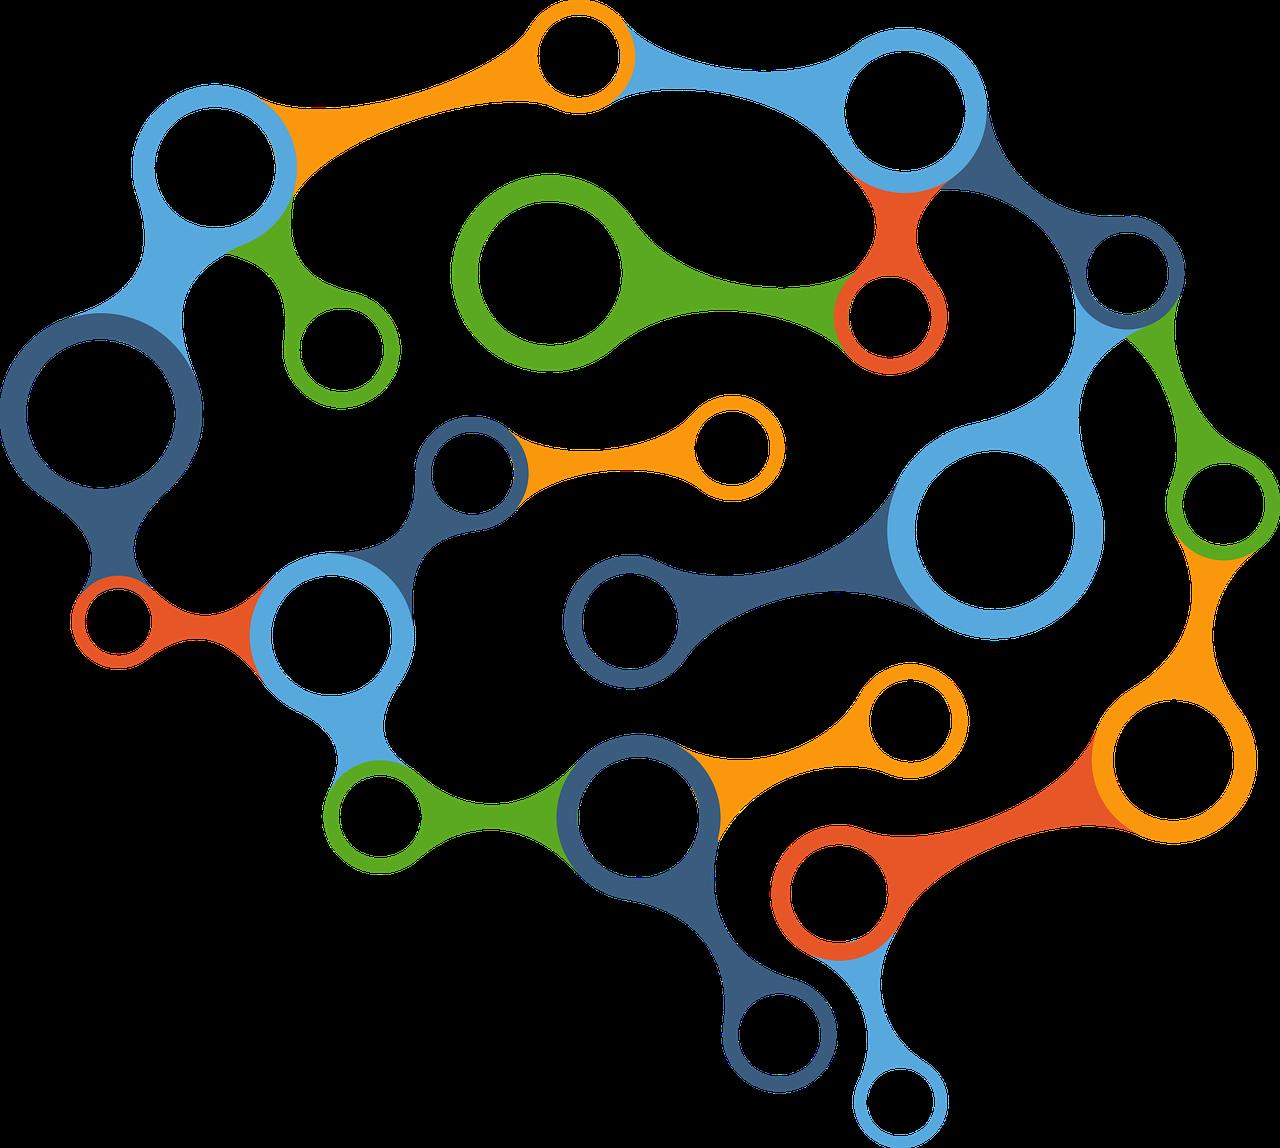 Brain cognition diagram